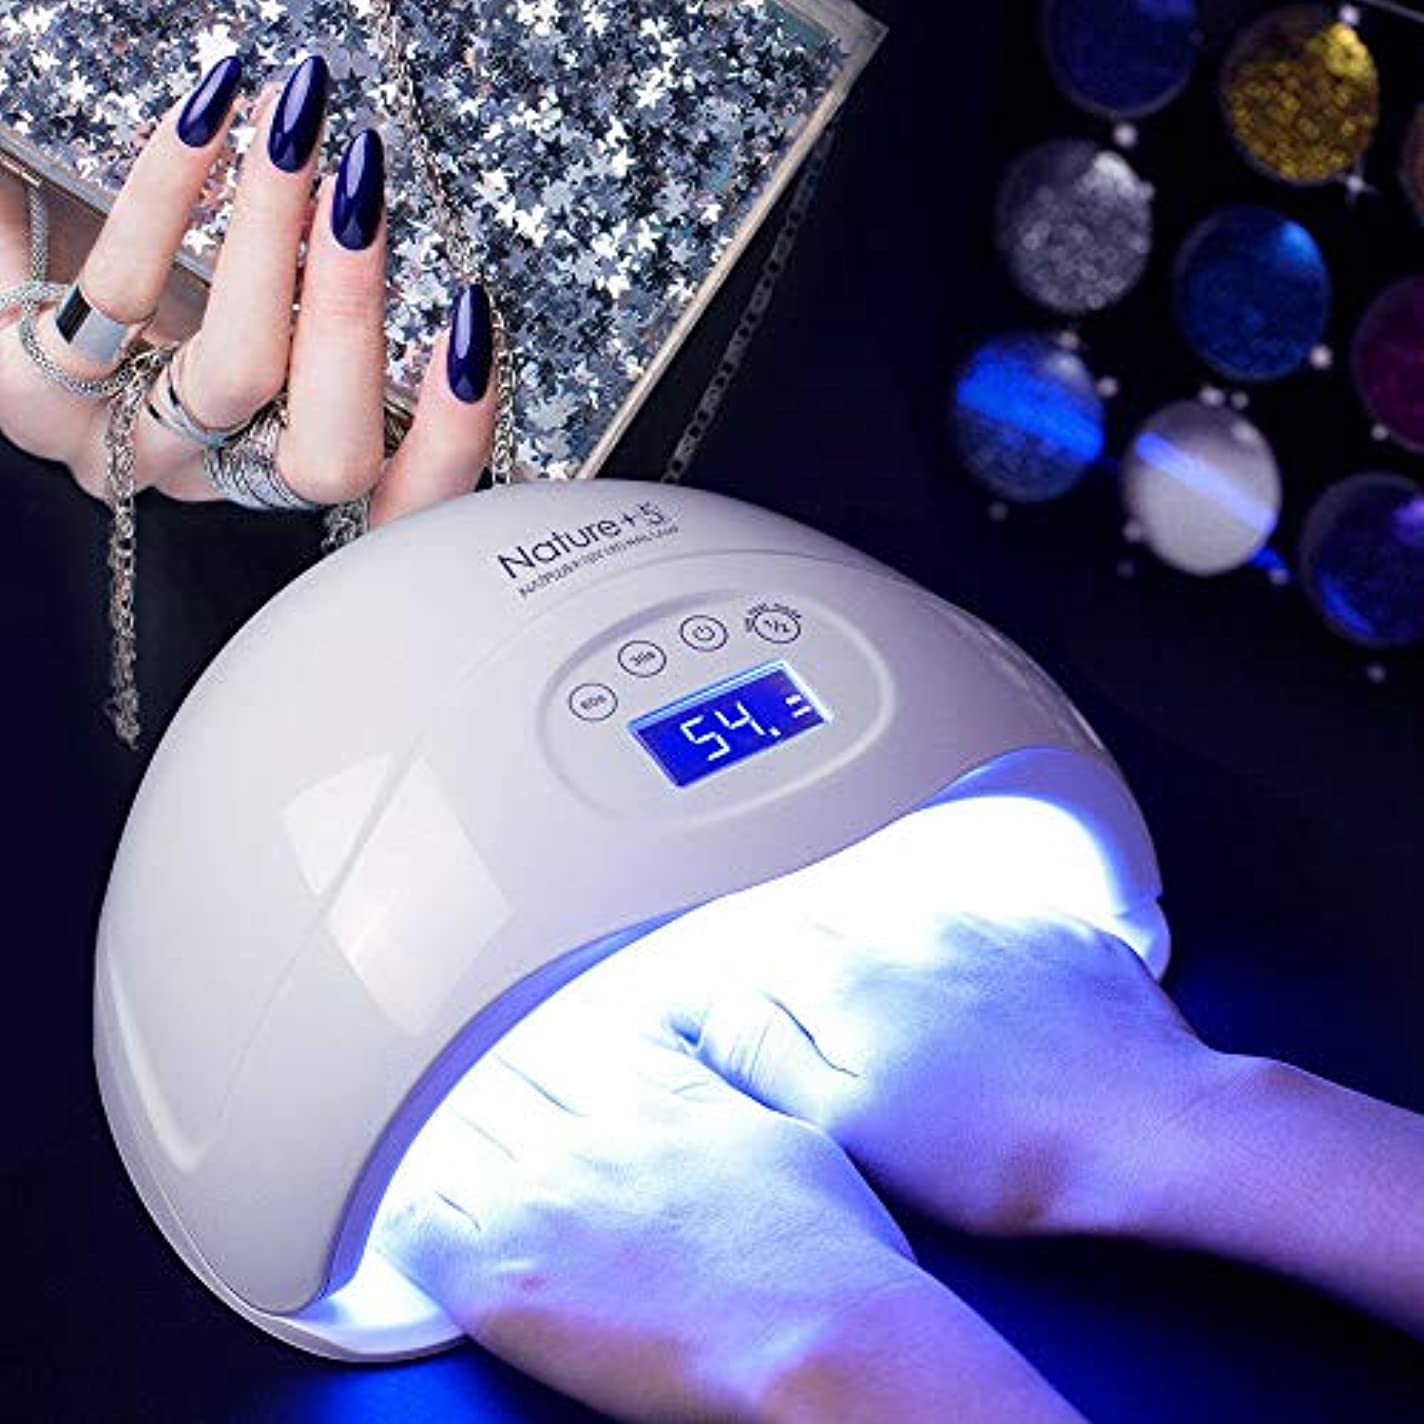 バース壁紙余剰釘のゲルランプLEDのドライヤー48W紫外線ゲルの理性的な誘導の軽量の携帯用機械家の使用および美容院